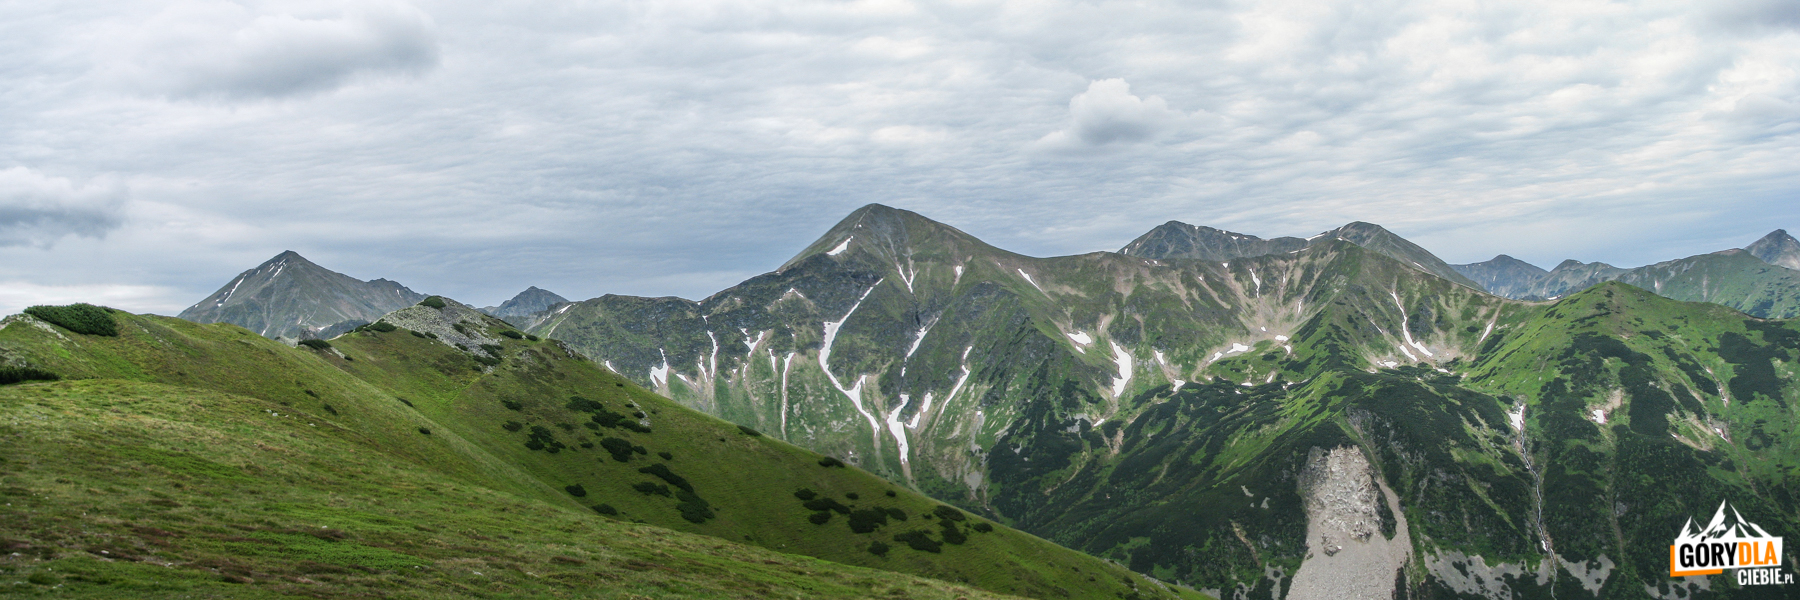 Widok zSuchego Wierchu Ornaczańskiego (1832 m) - odlewej: Błyszcz (2158 m) iBystra (2248 m), Zadnia Kopa (2162 m), Starorobociański Wierch (2176 m), Raczkowa Czuba (2194 m), Jarząbczy Wierch (2137 m), Baraniec (2185 m), Smrek (2082 m) iRohacze